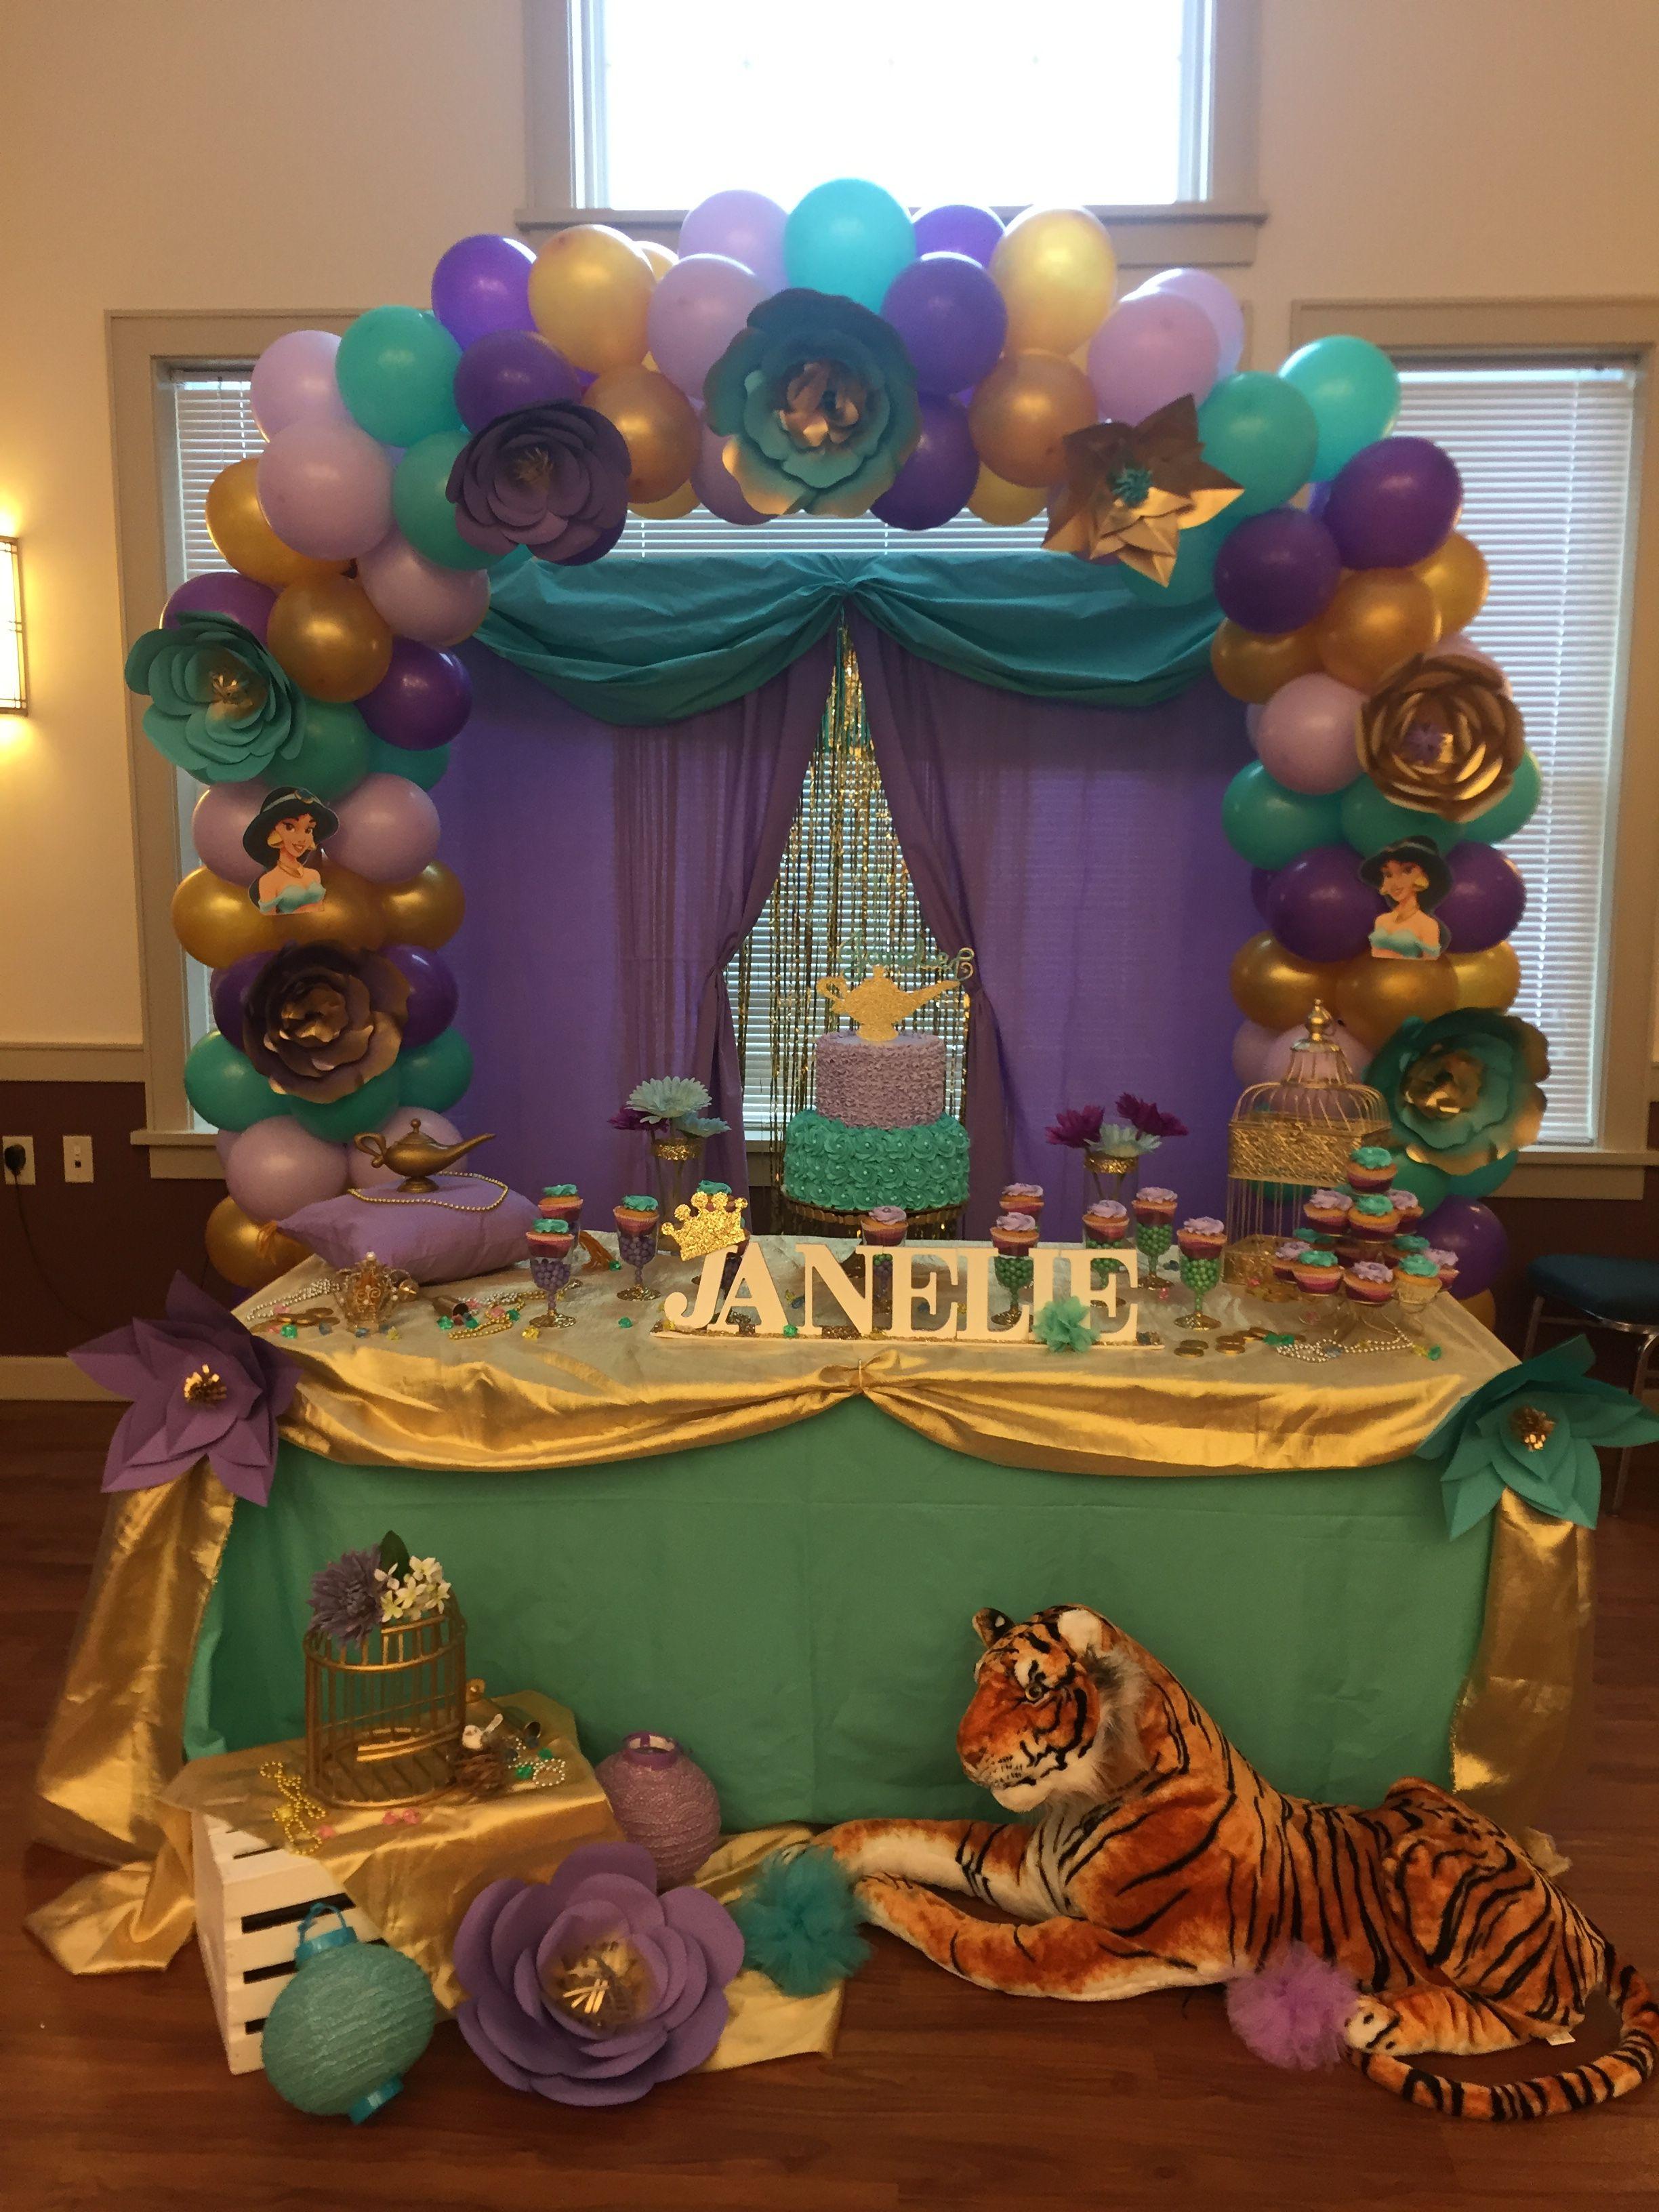 Princess Jasmine Birthday Party ideas